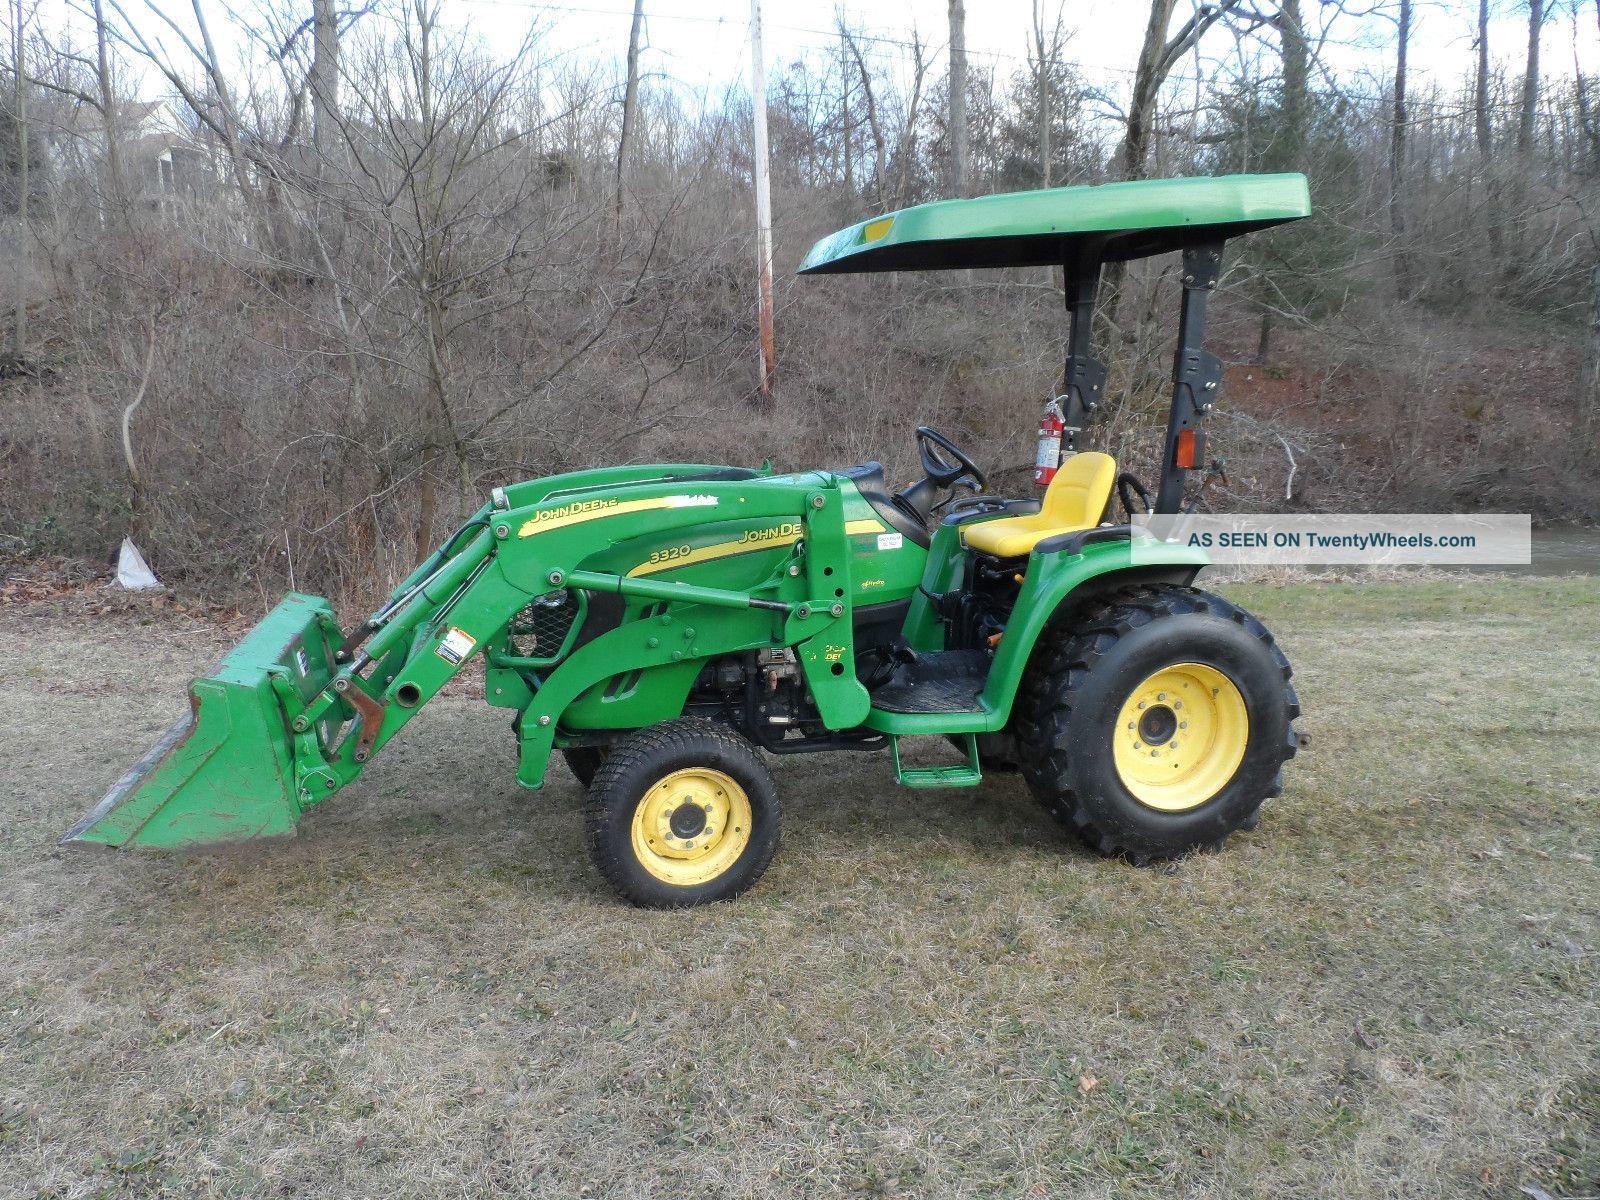 John Deere 3320 Tractor Loader